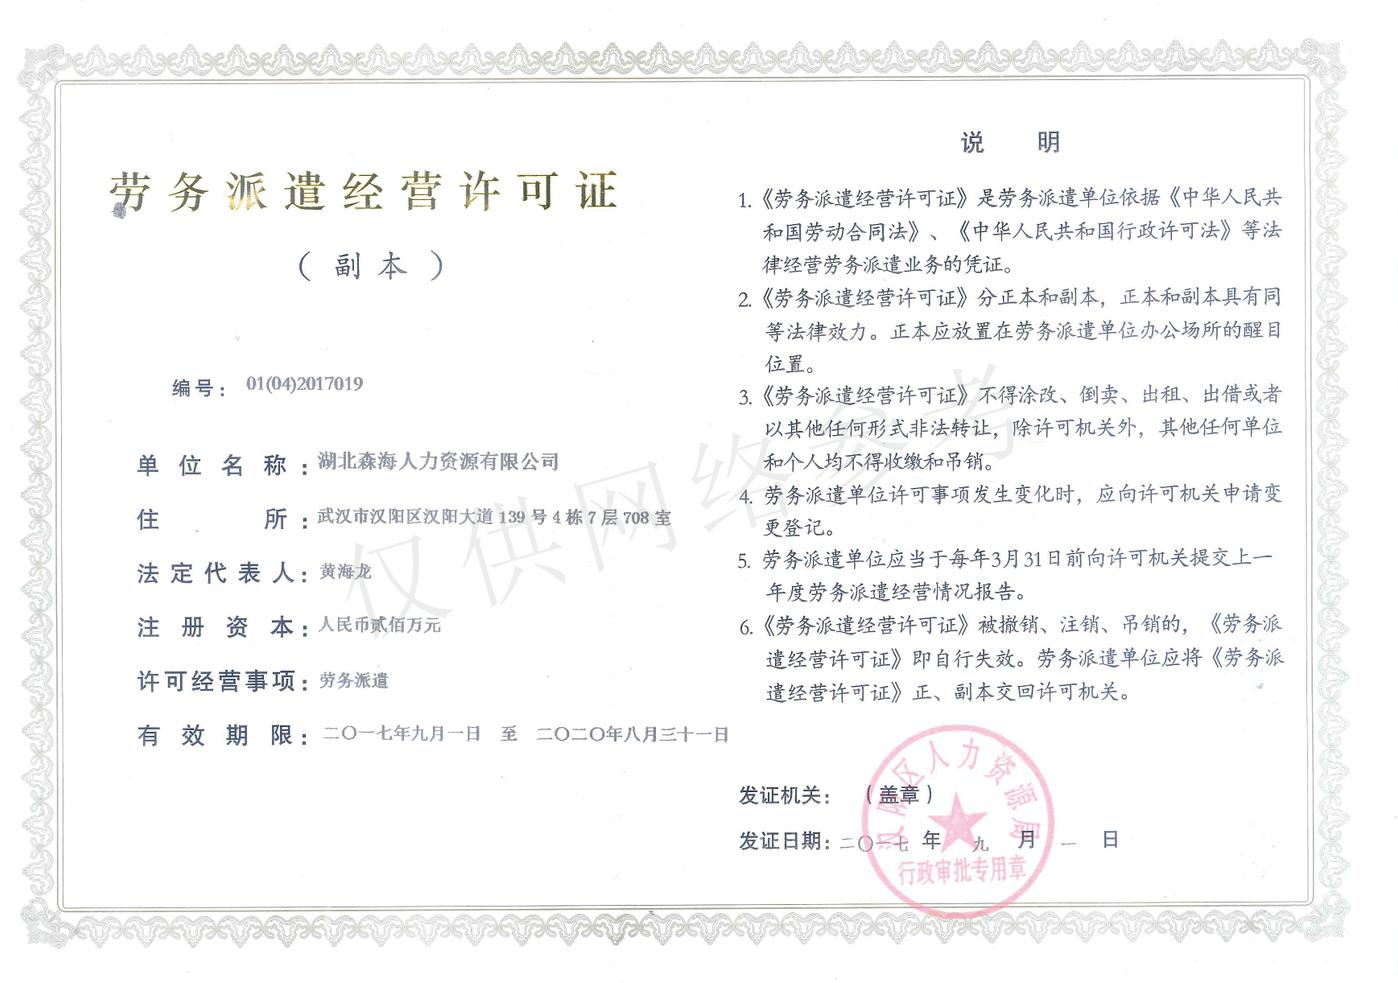 【資質】湖北森海人力資源有限公司勞務派遣經營許可證